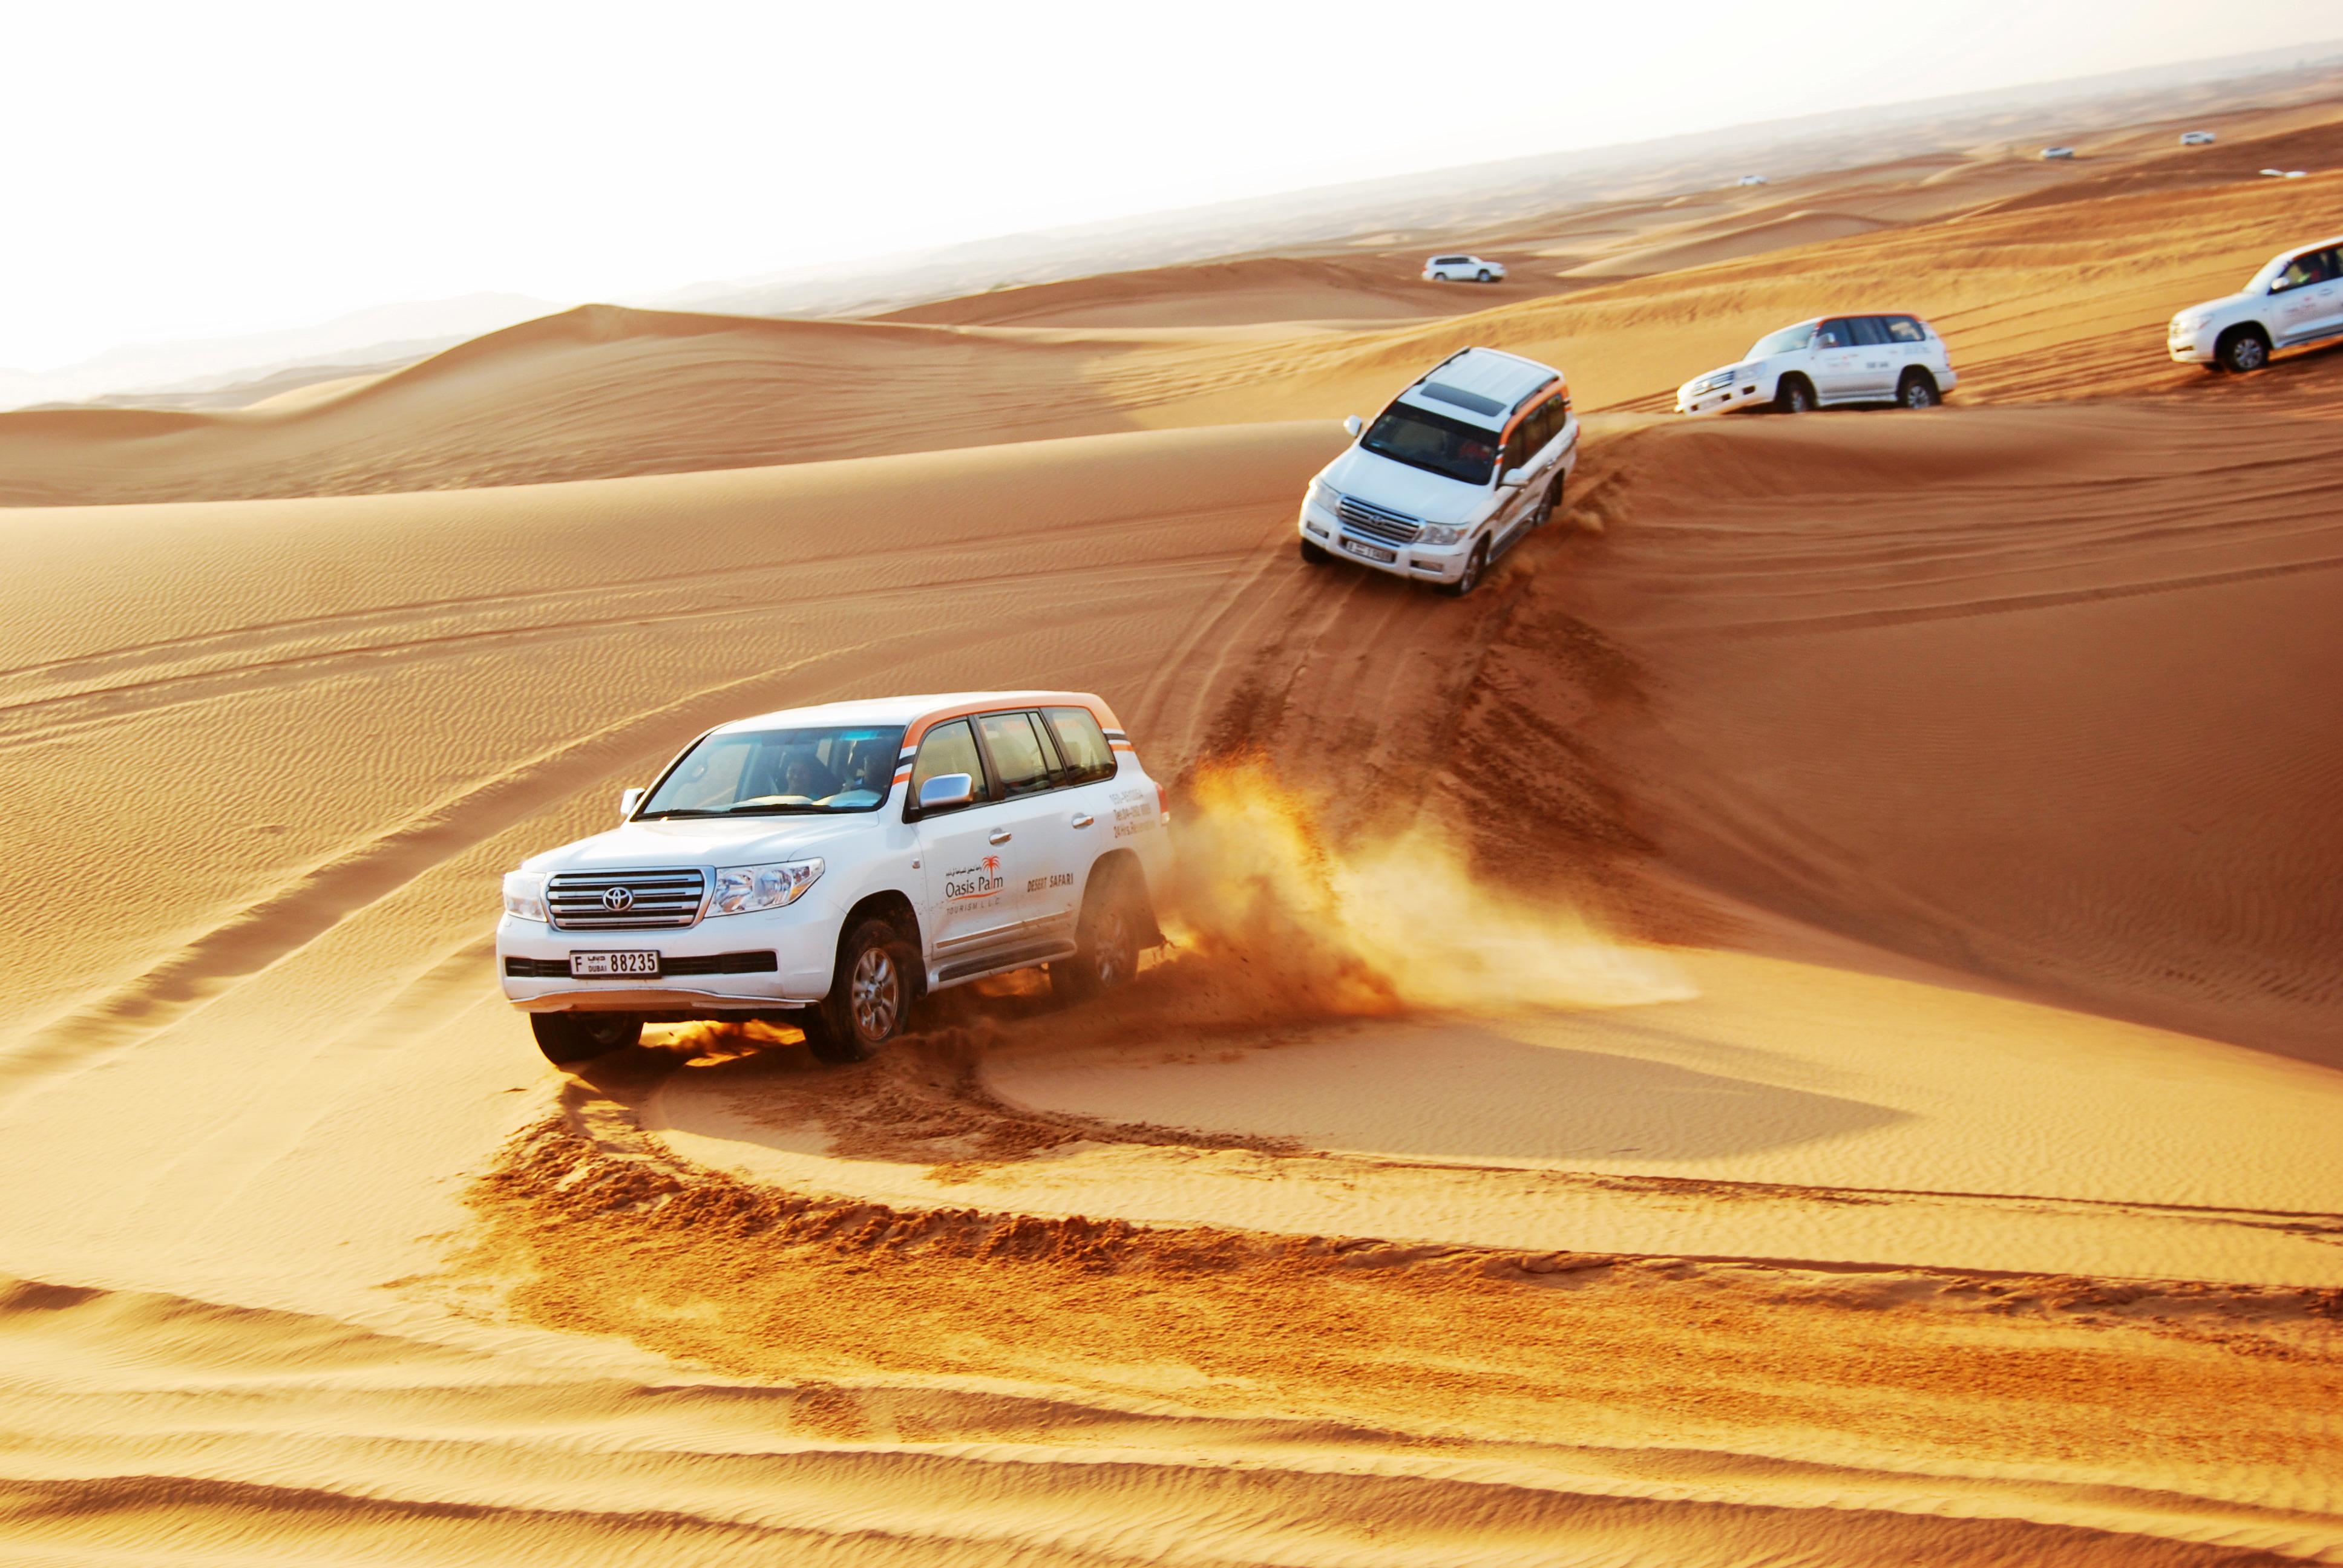 1510839323_dubai_safari_desert_me.jpg